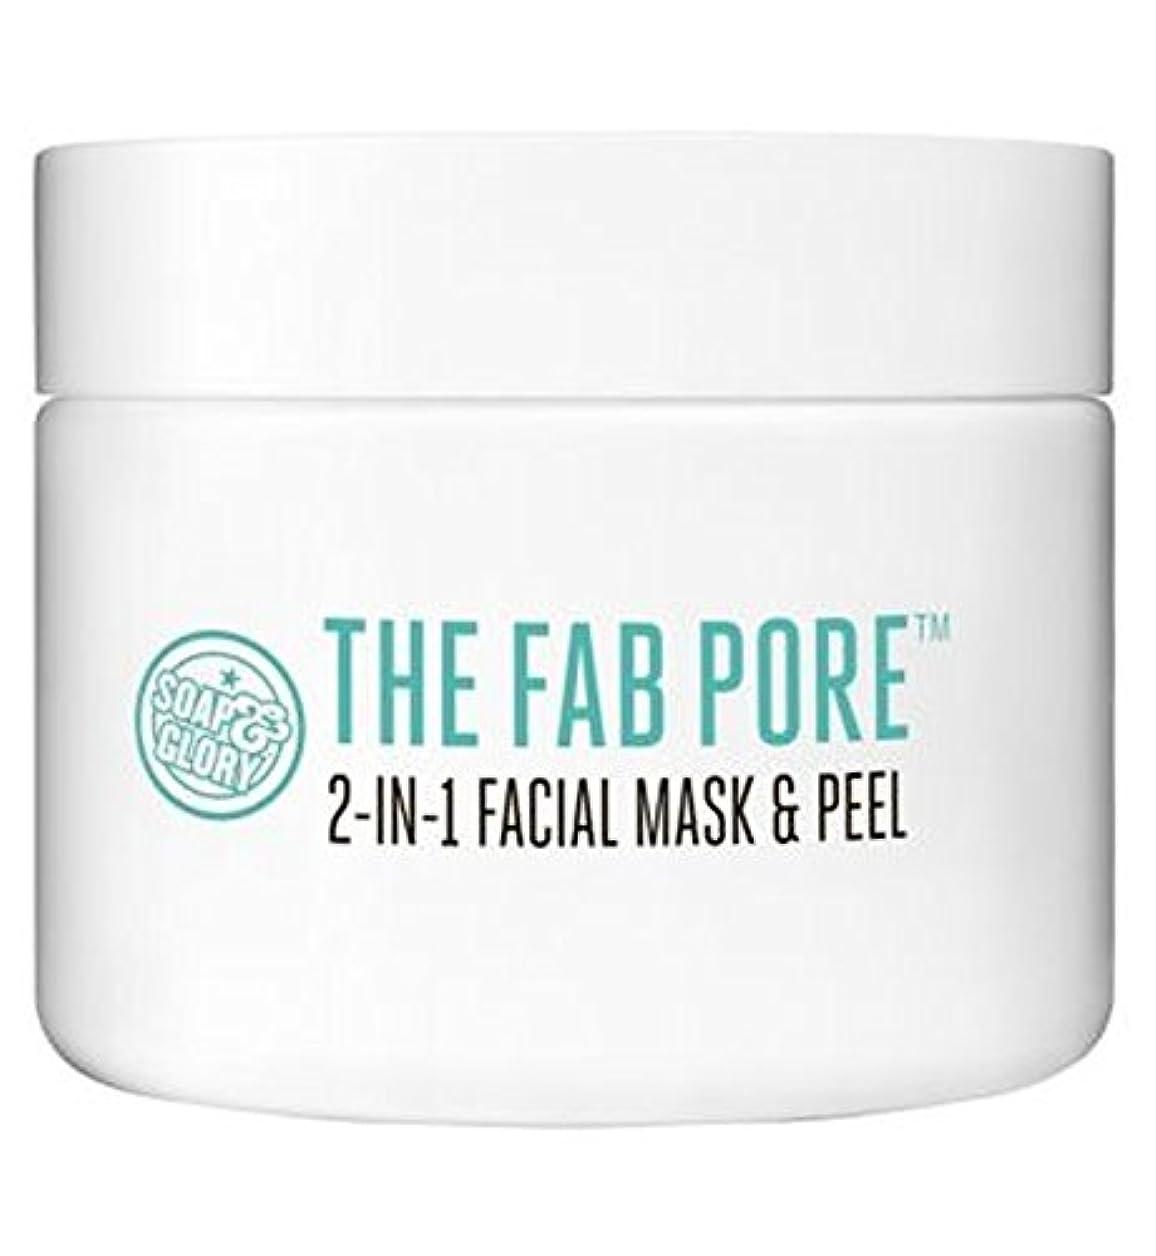 九時四十五分神聖メモSoap & Glory? Fab Pore? 2-in-1 Facial Pore Purifying Mask & Peel - ファブ細孔?2イン1顔の細孔浄化マスク&ピール?石鹸&栄光 (Soap & Glory) [並行輸入品]